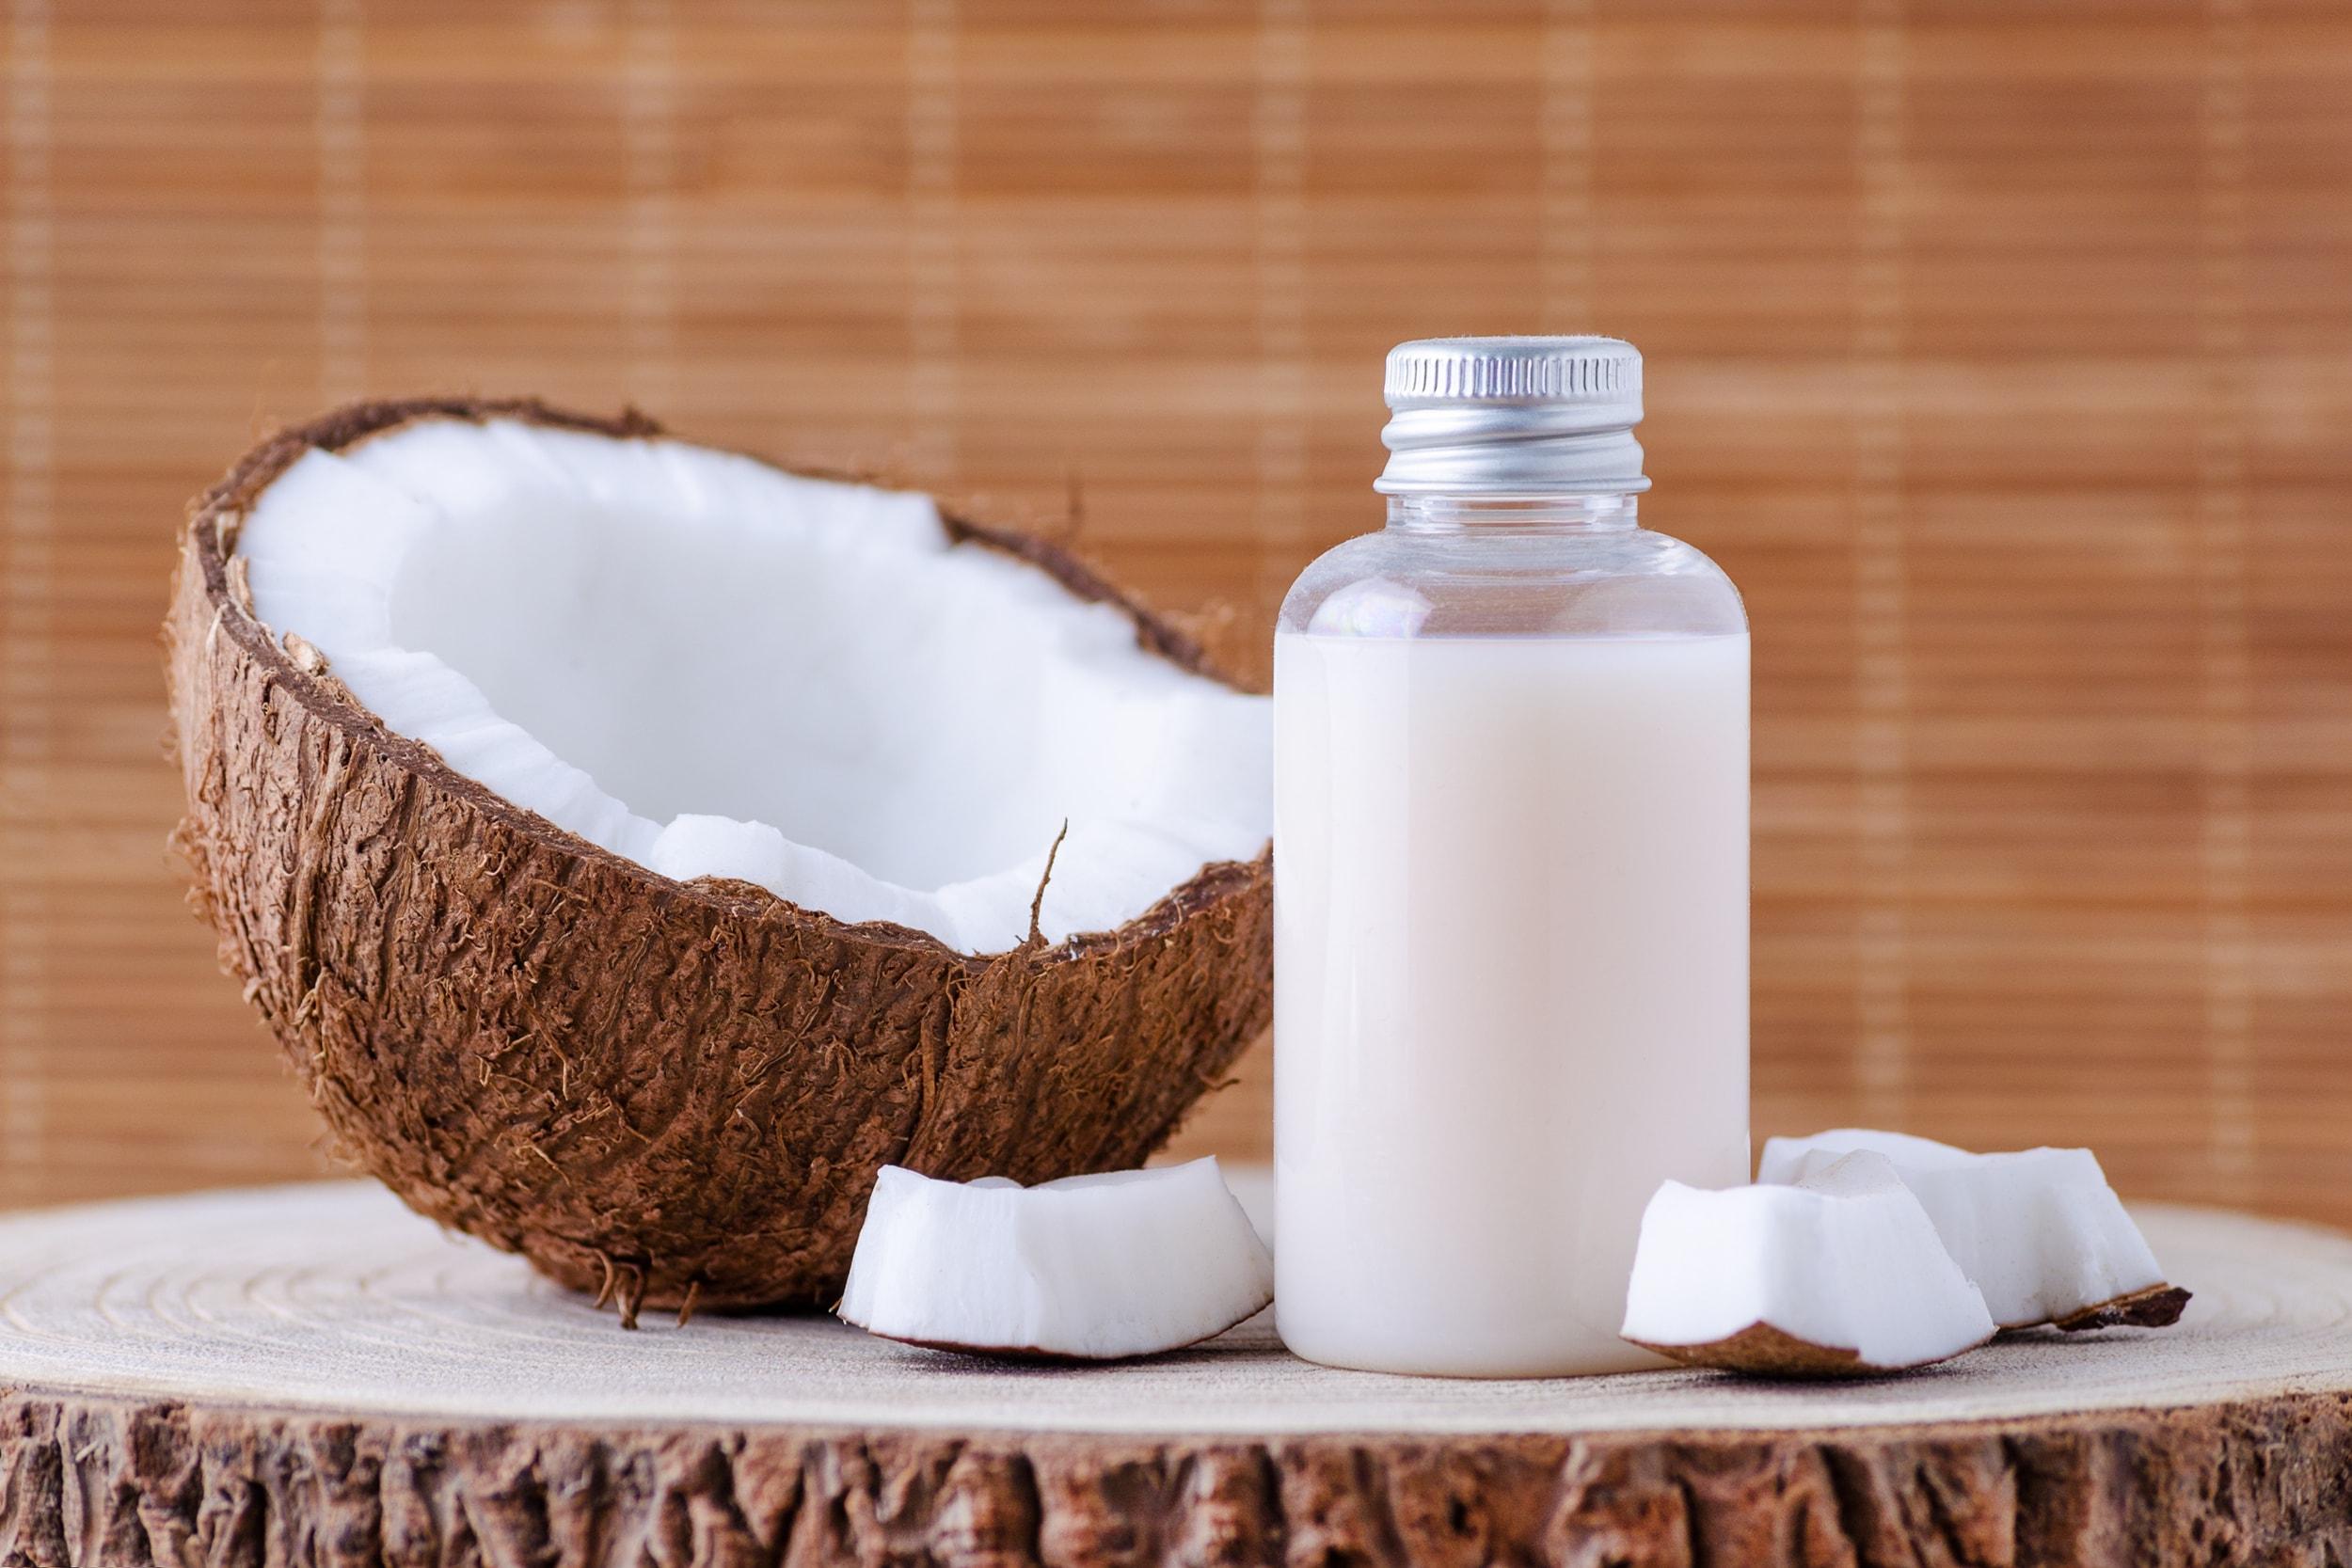 Kokosöl auf dem Tisch